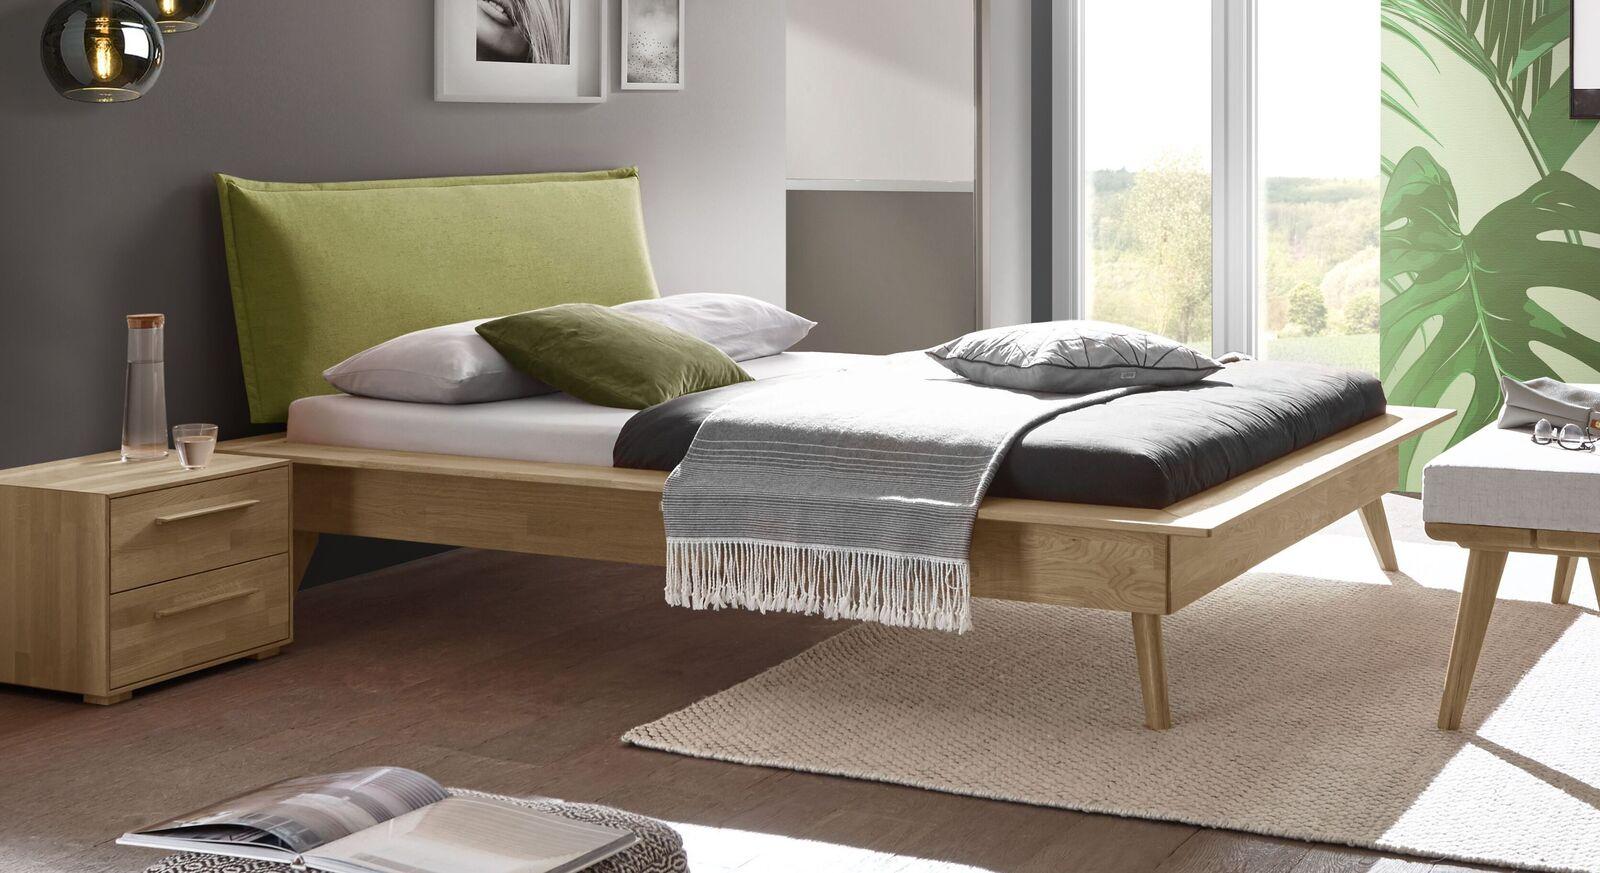 Modernes Bett Casevio mit apfelfarbenem Kopfteil